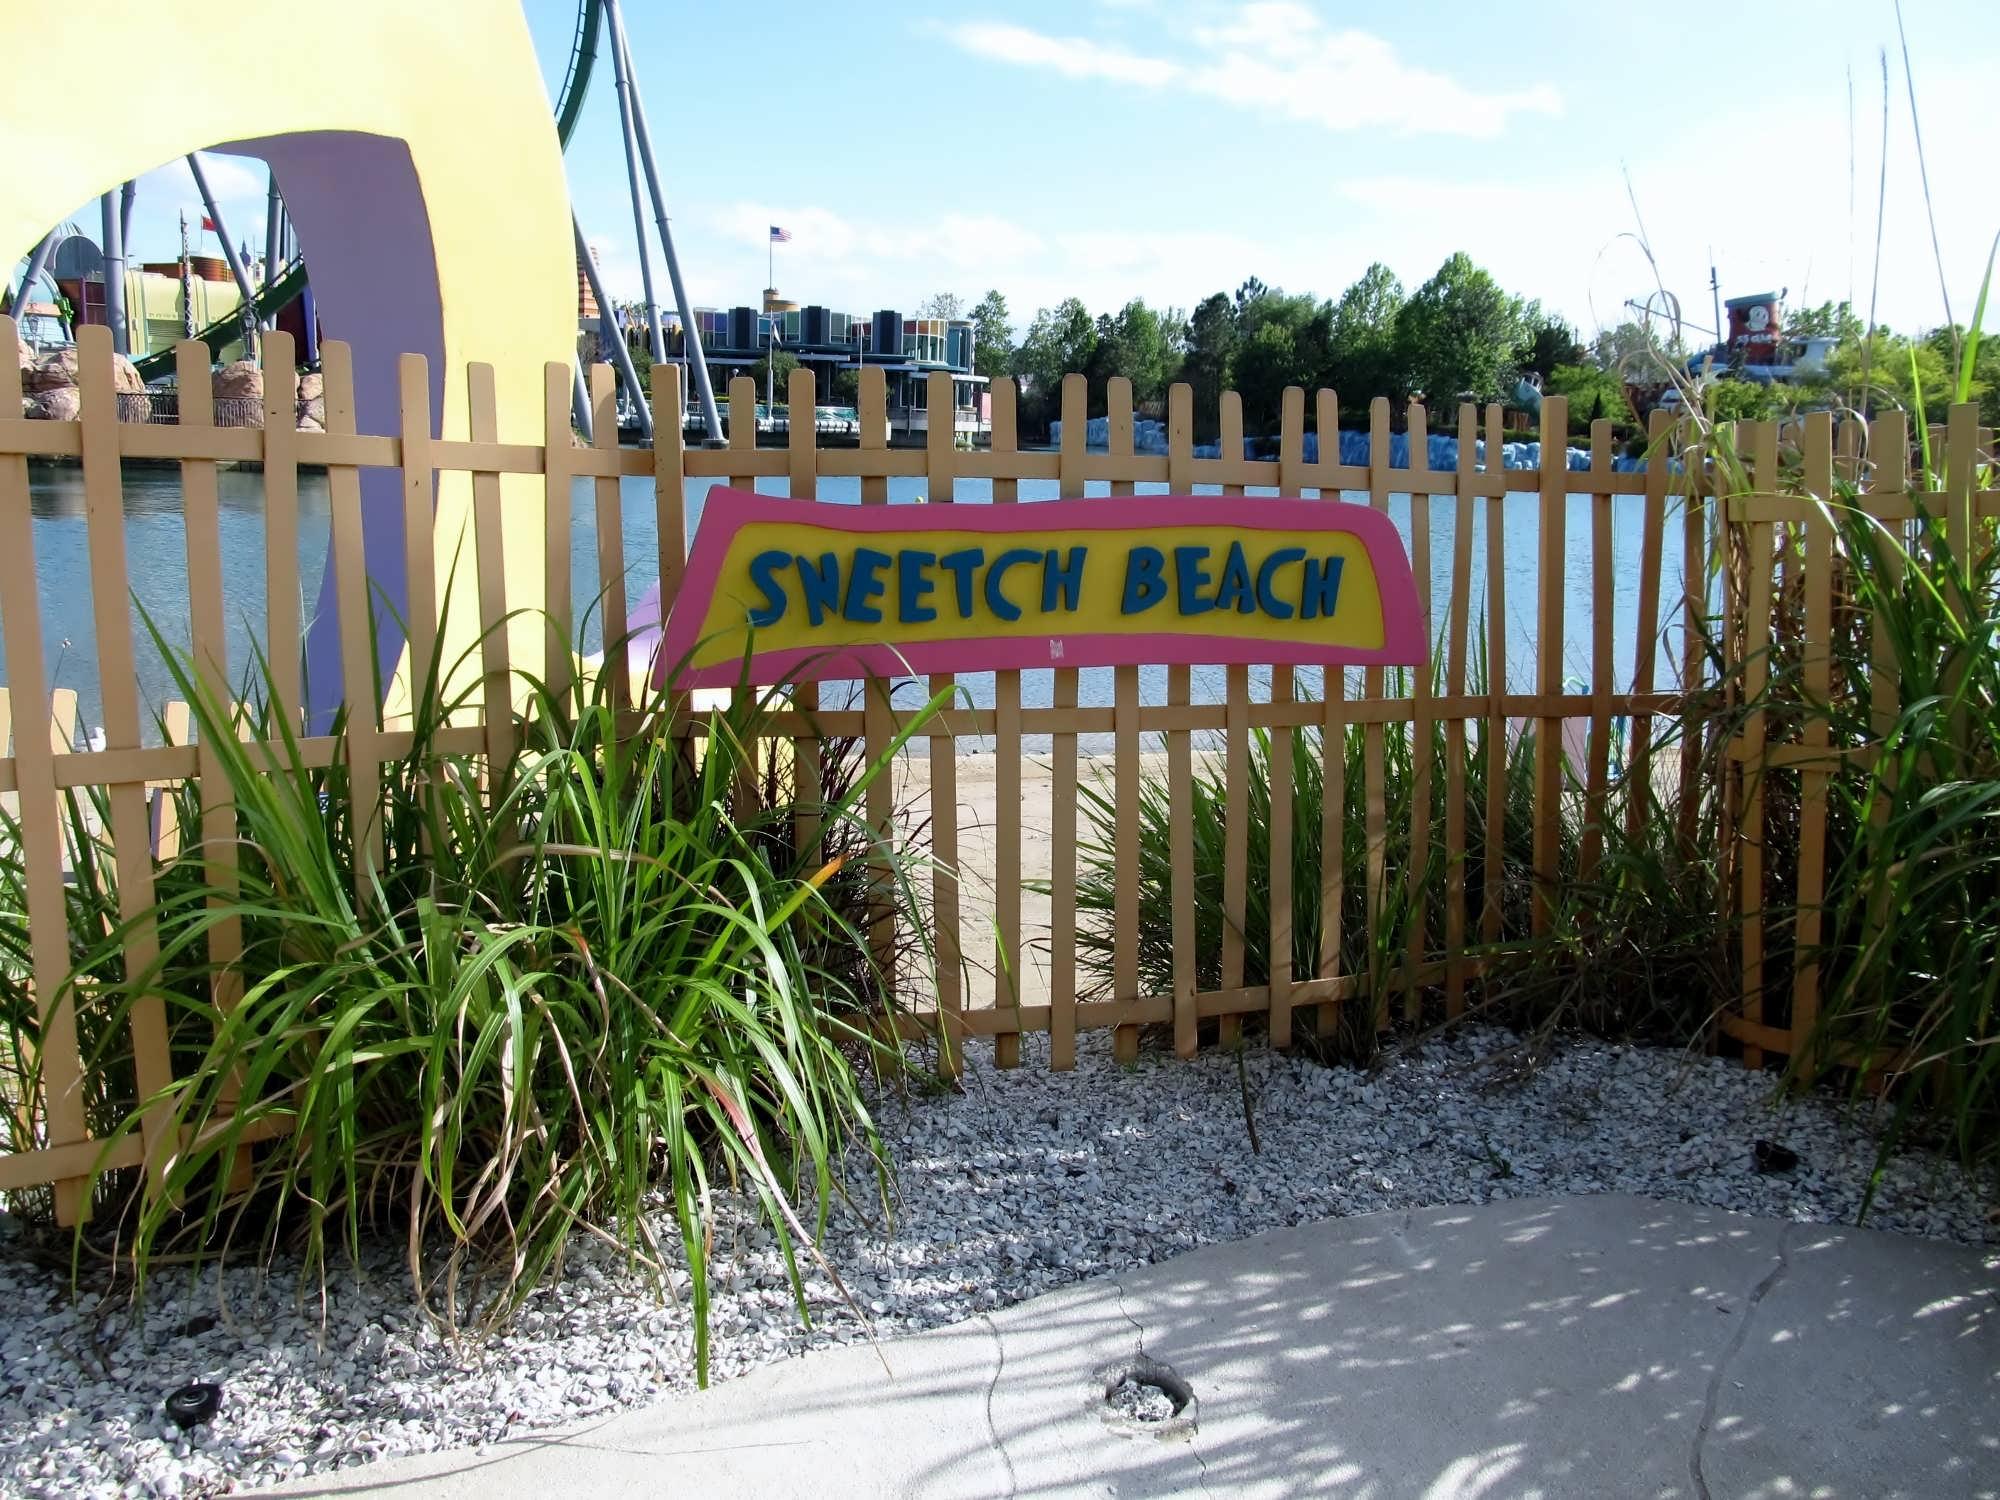 Sneetch Beach at Seuss Landing